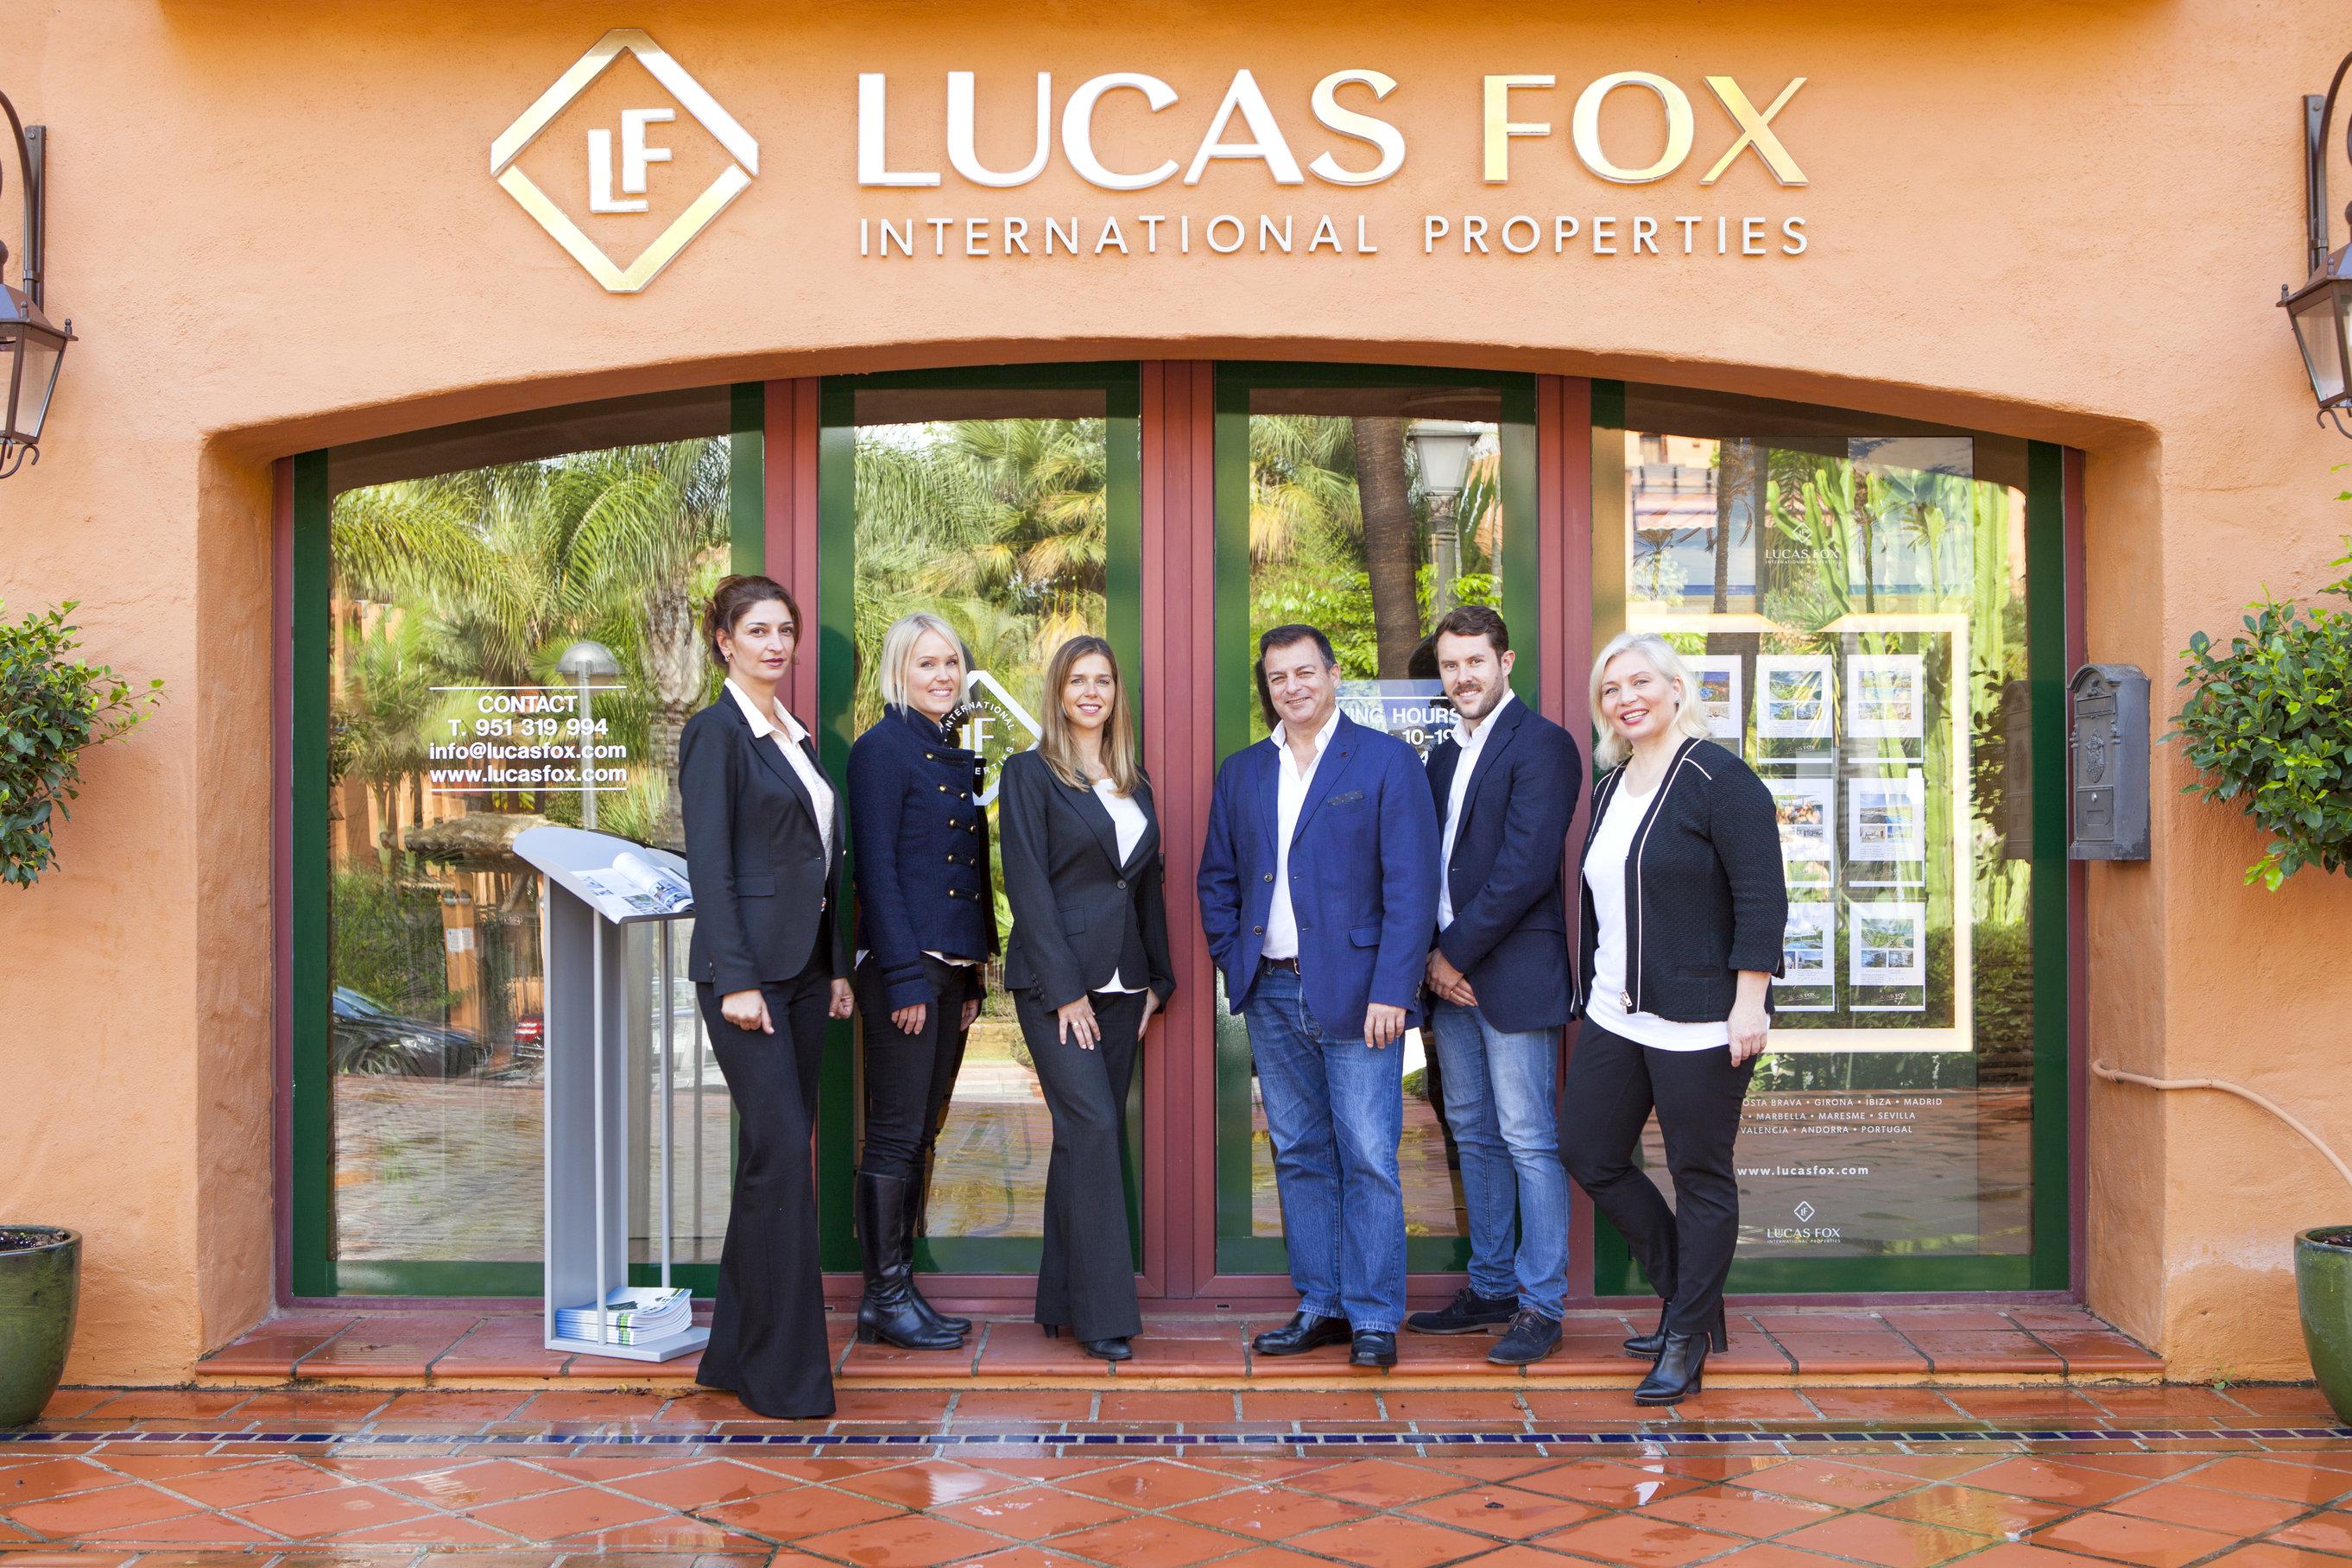 Lucas fox inaugura su nueva oficina comercial en marbella for Oficinas prop valencia